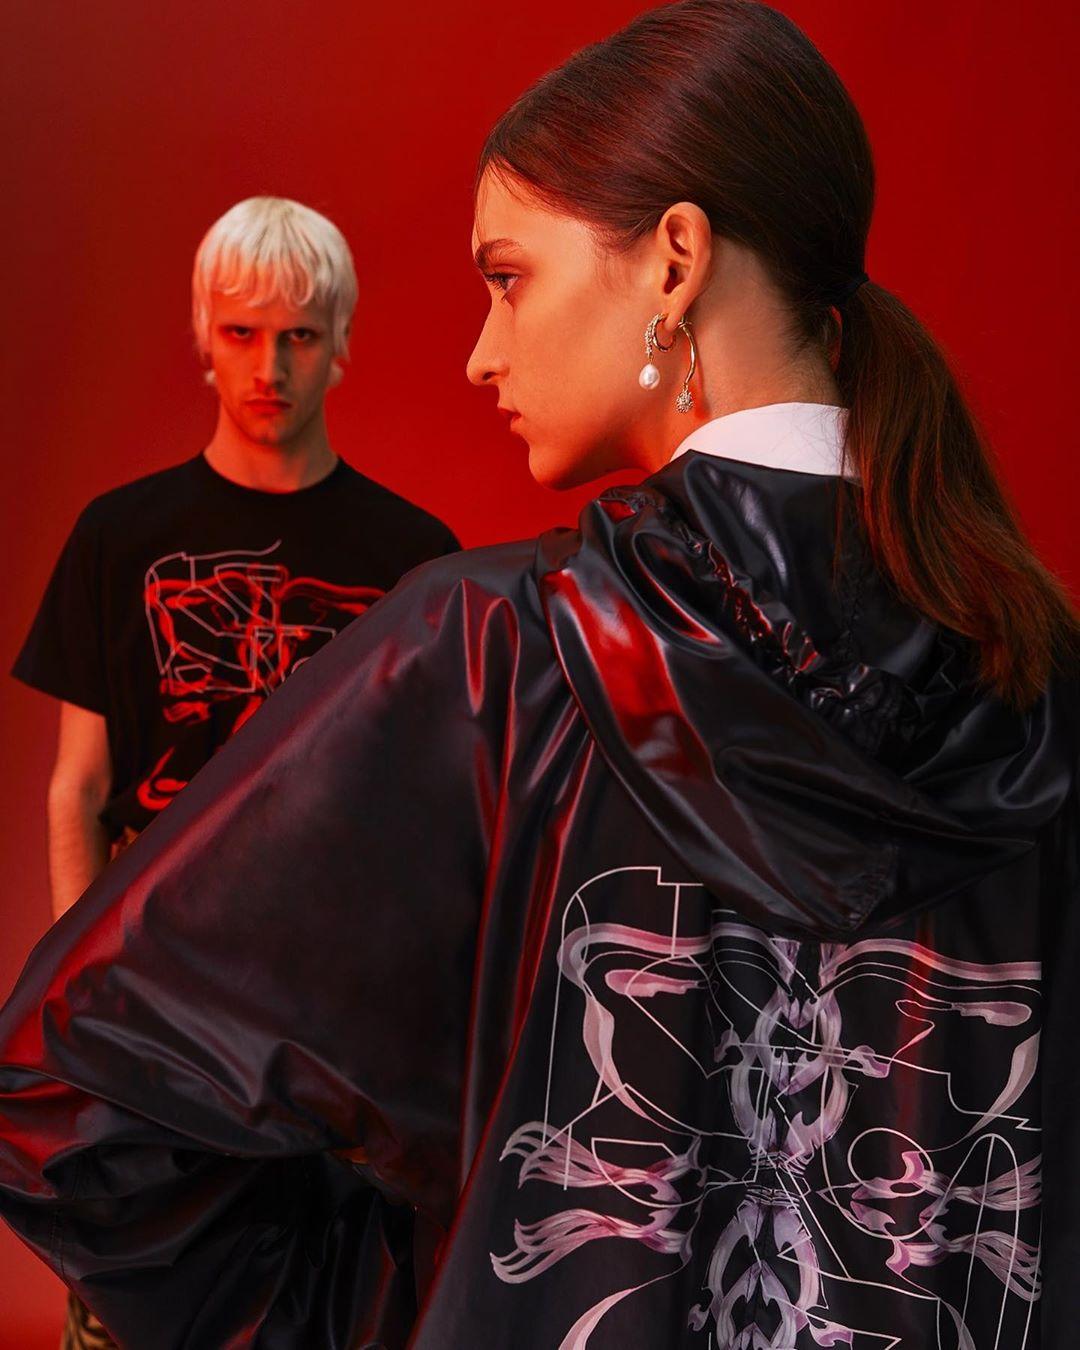 Các thương hiệu thời trang đón Tết Canh Tý bằng BST giới hạn - 1